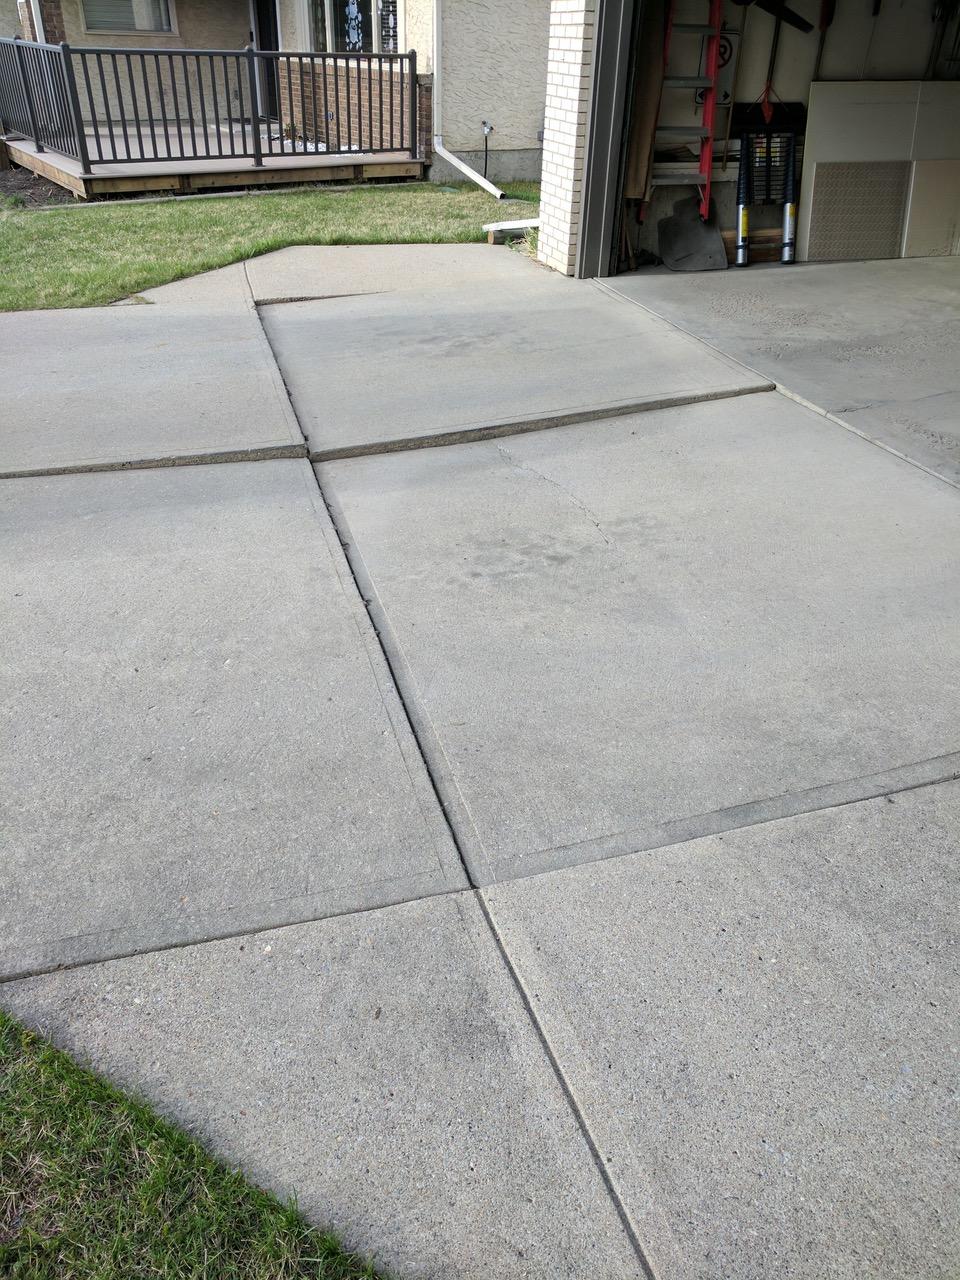 Uneven Concrete Driveway Before